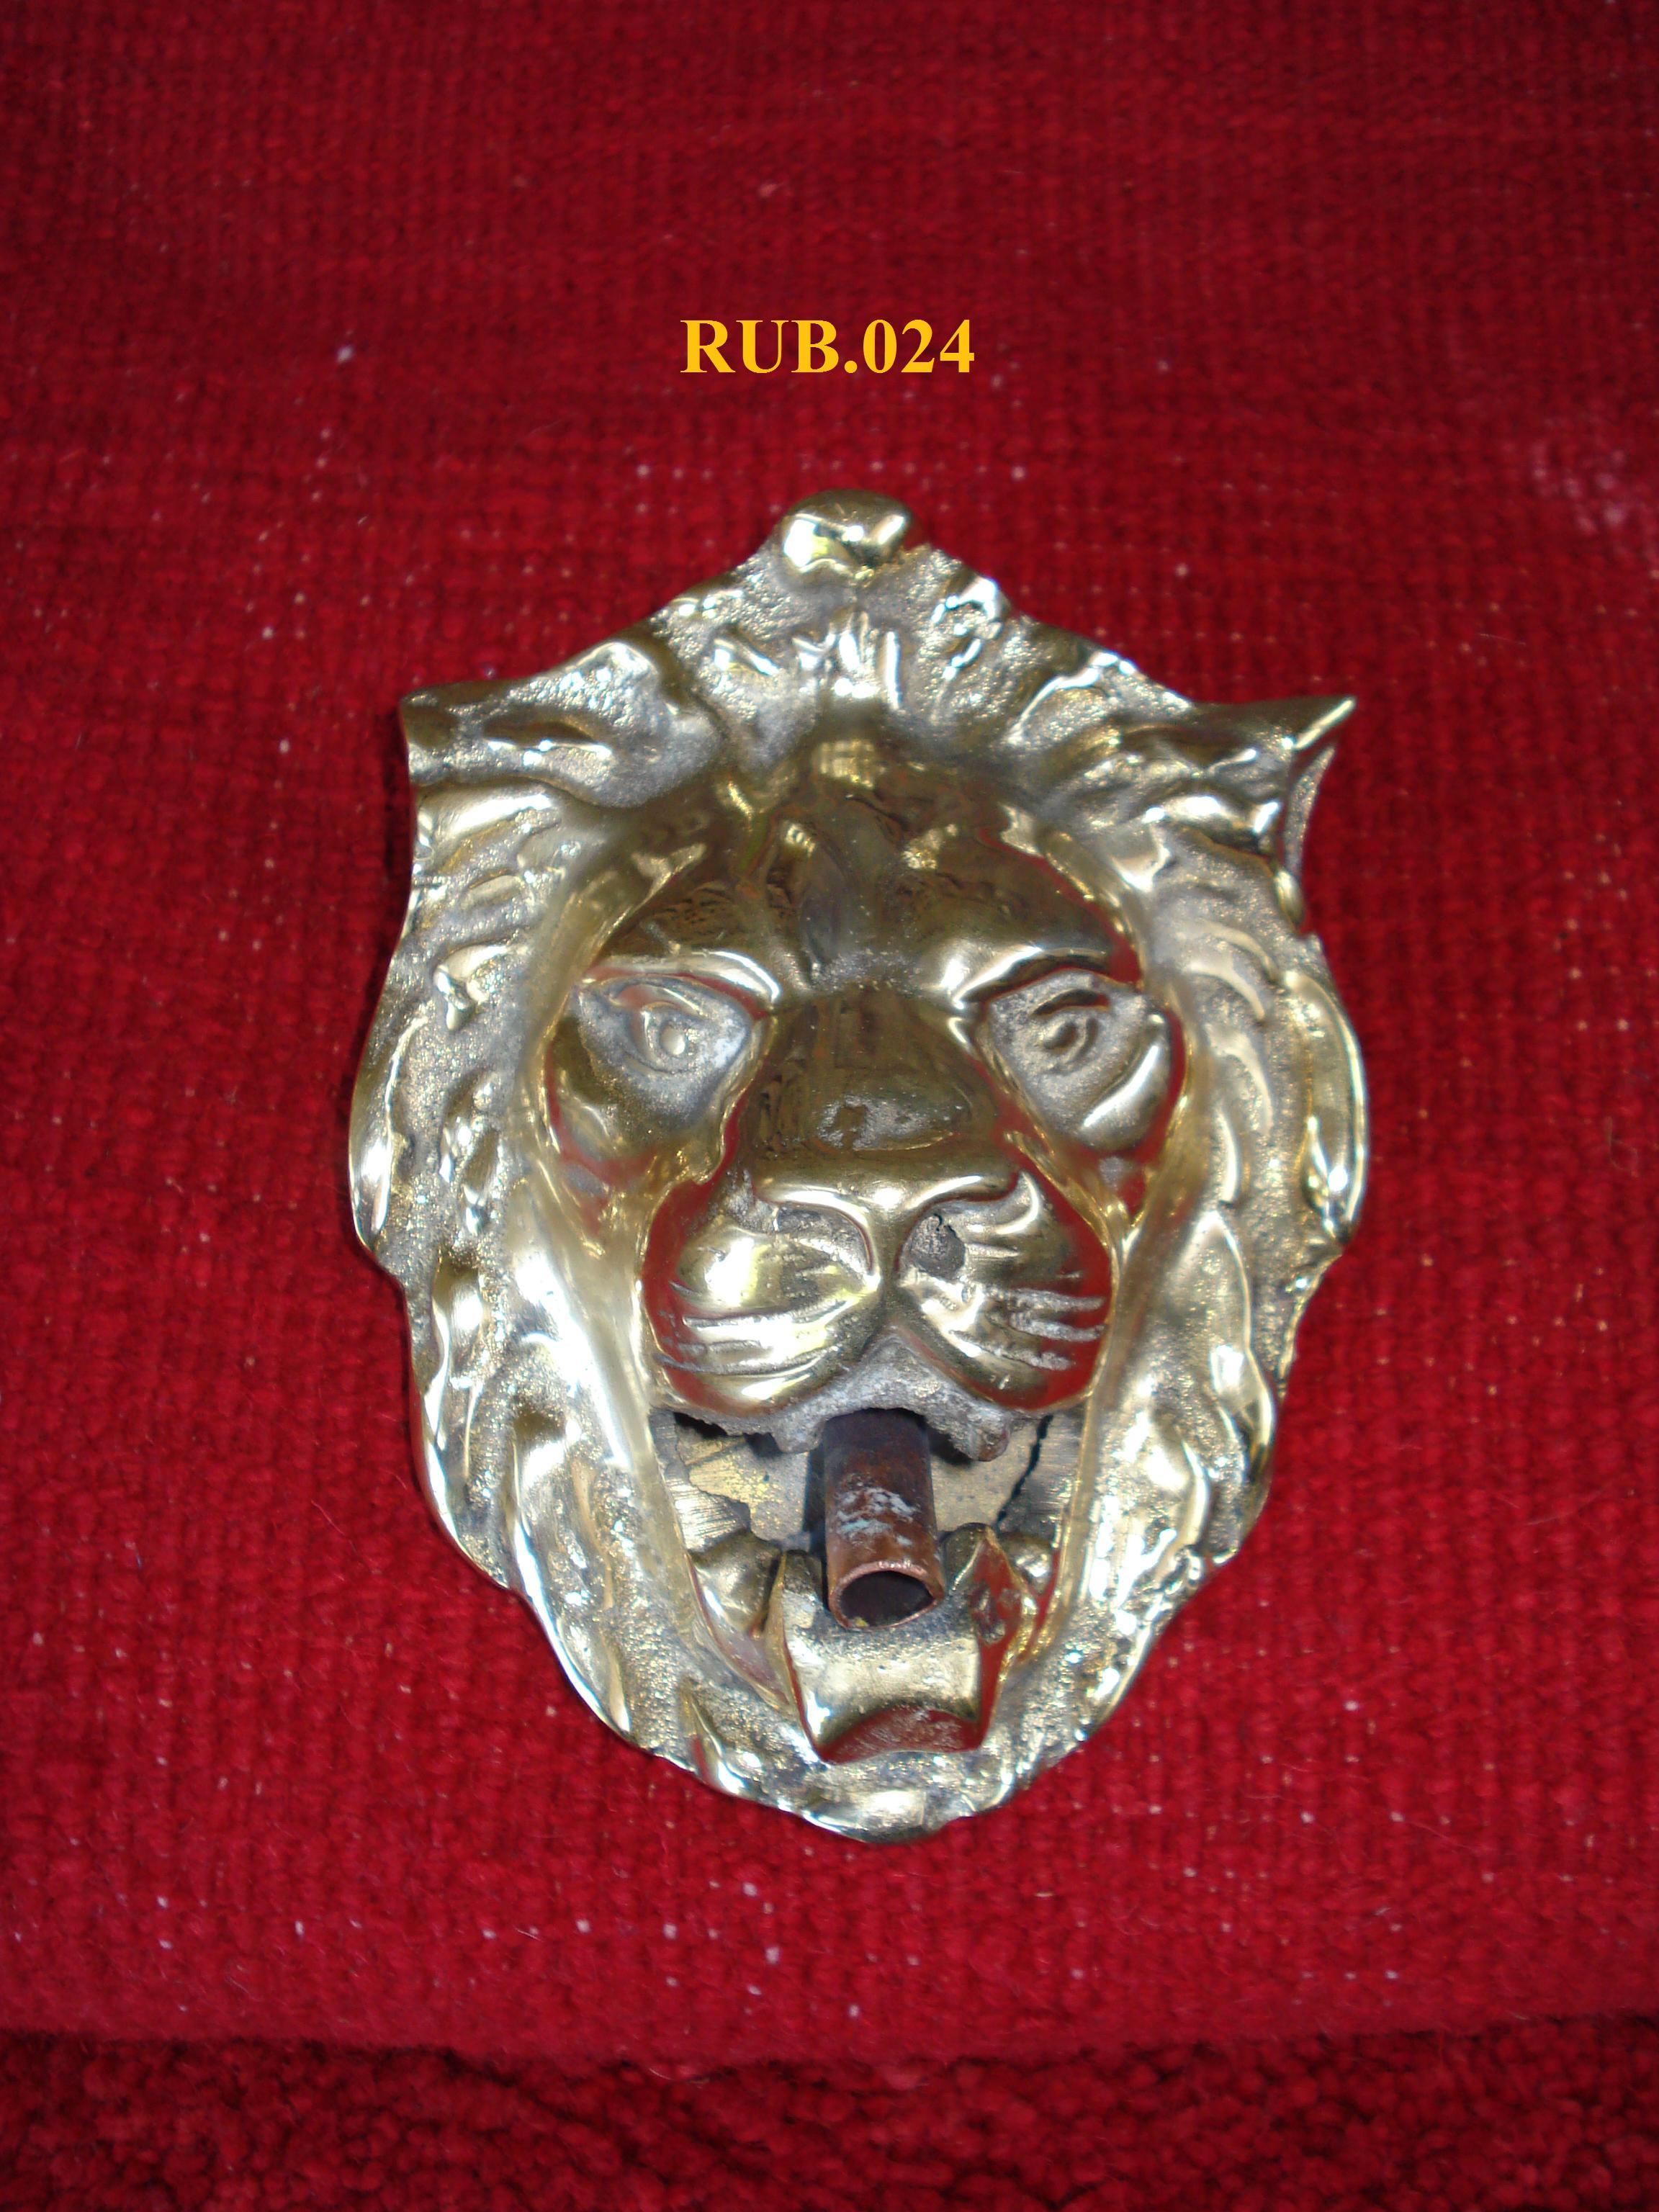 RUBINETTO mod. Testa di leone  senza valvola